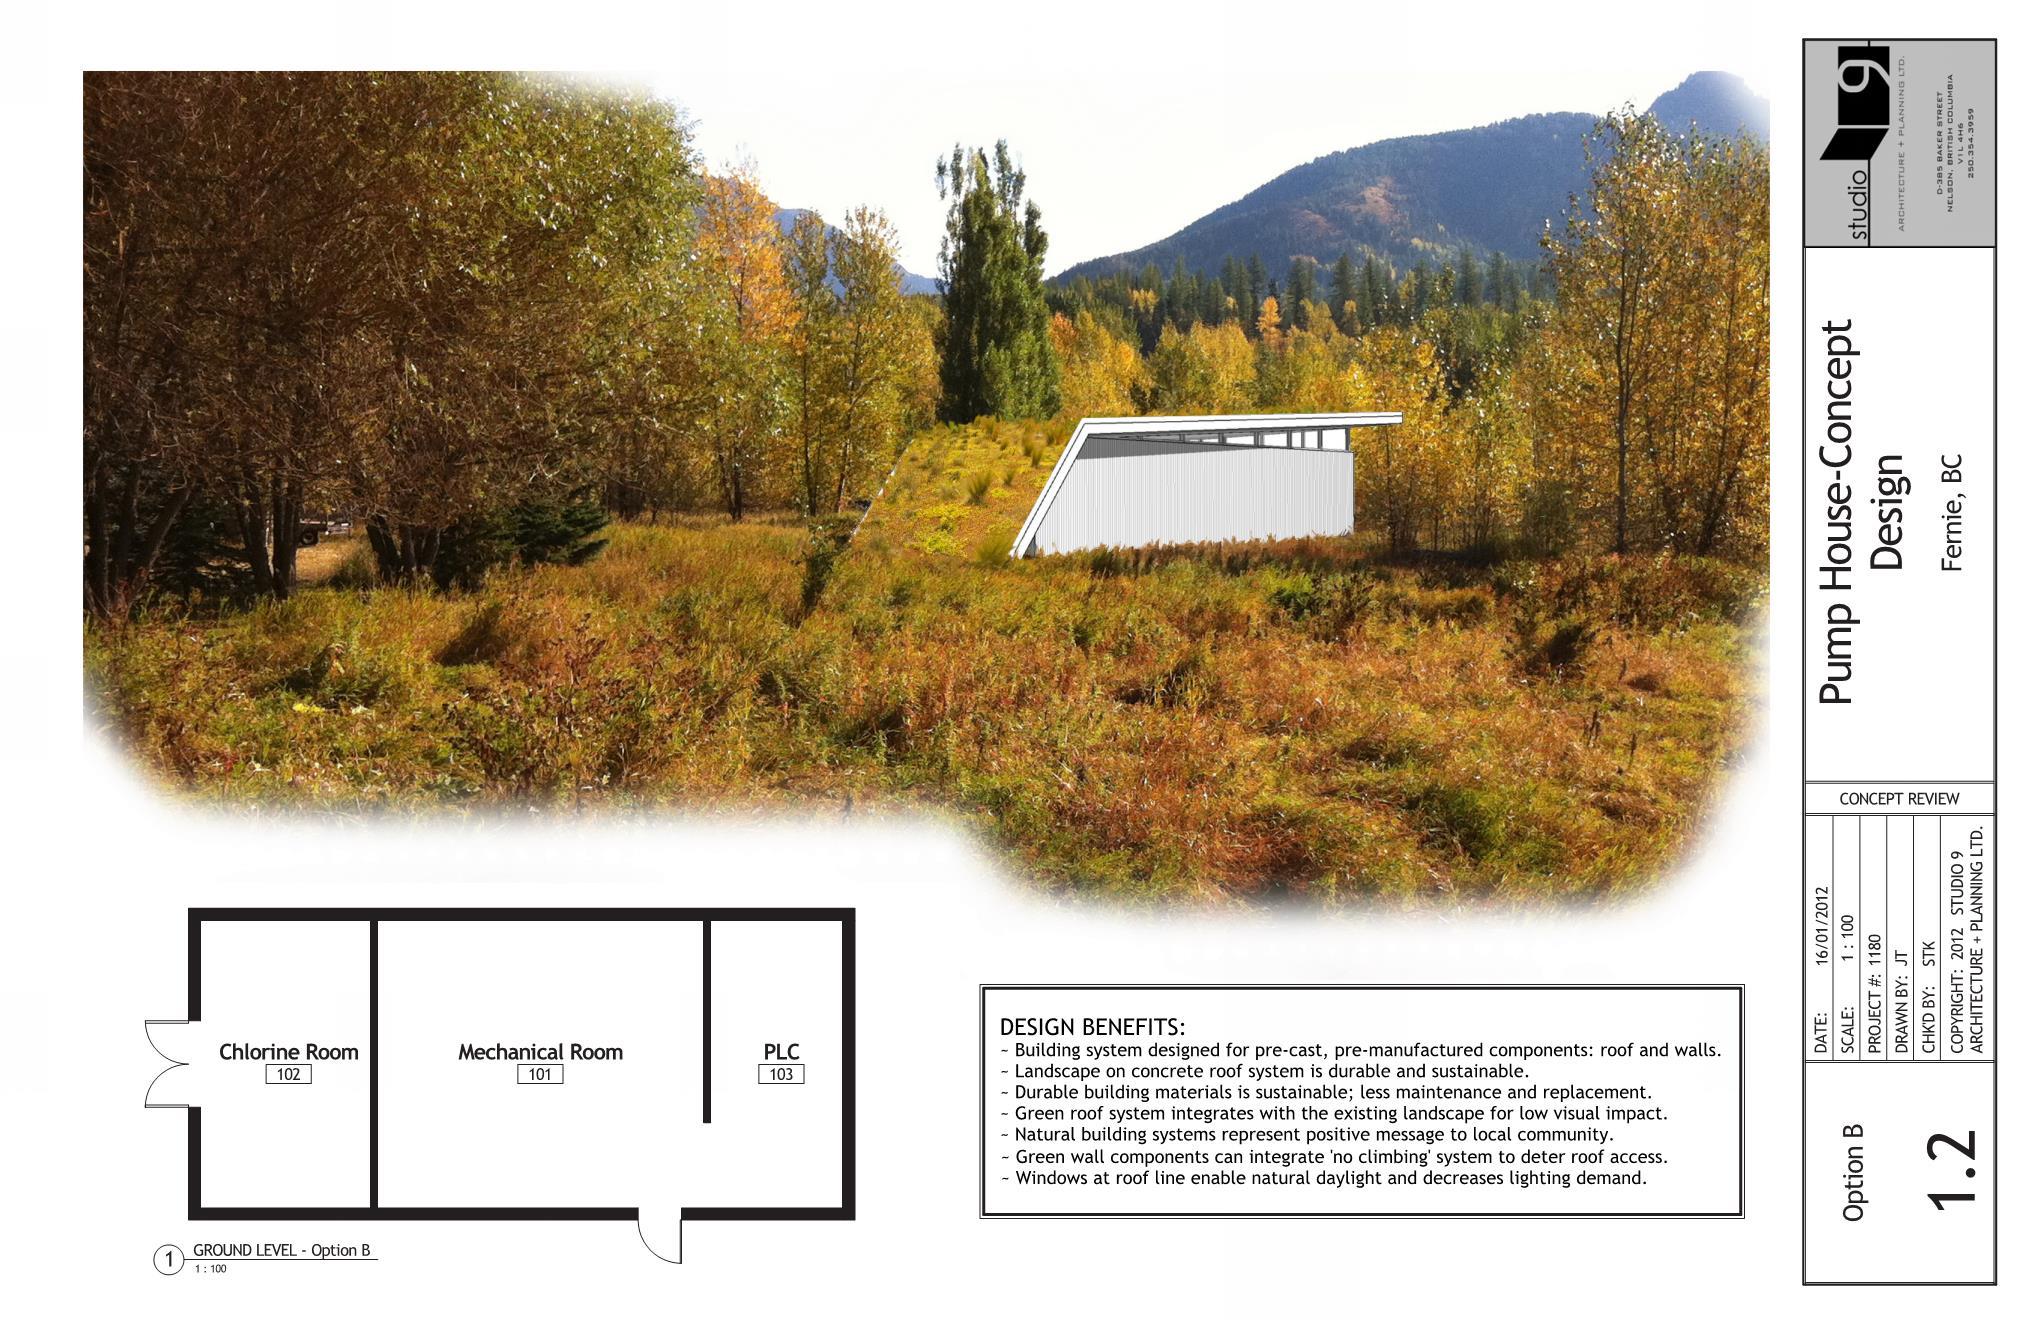 Fernie Pump House Concept_25 Jan 12 (2) - Copy Page 001